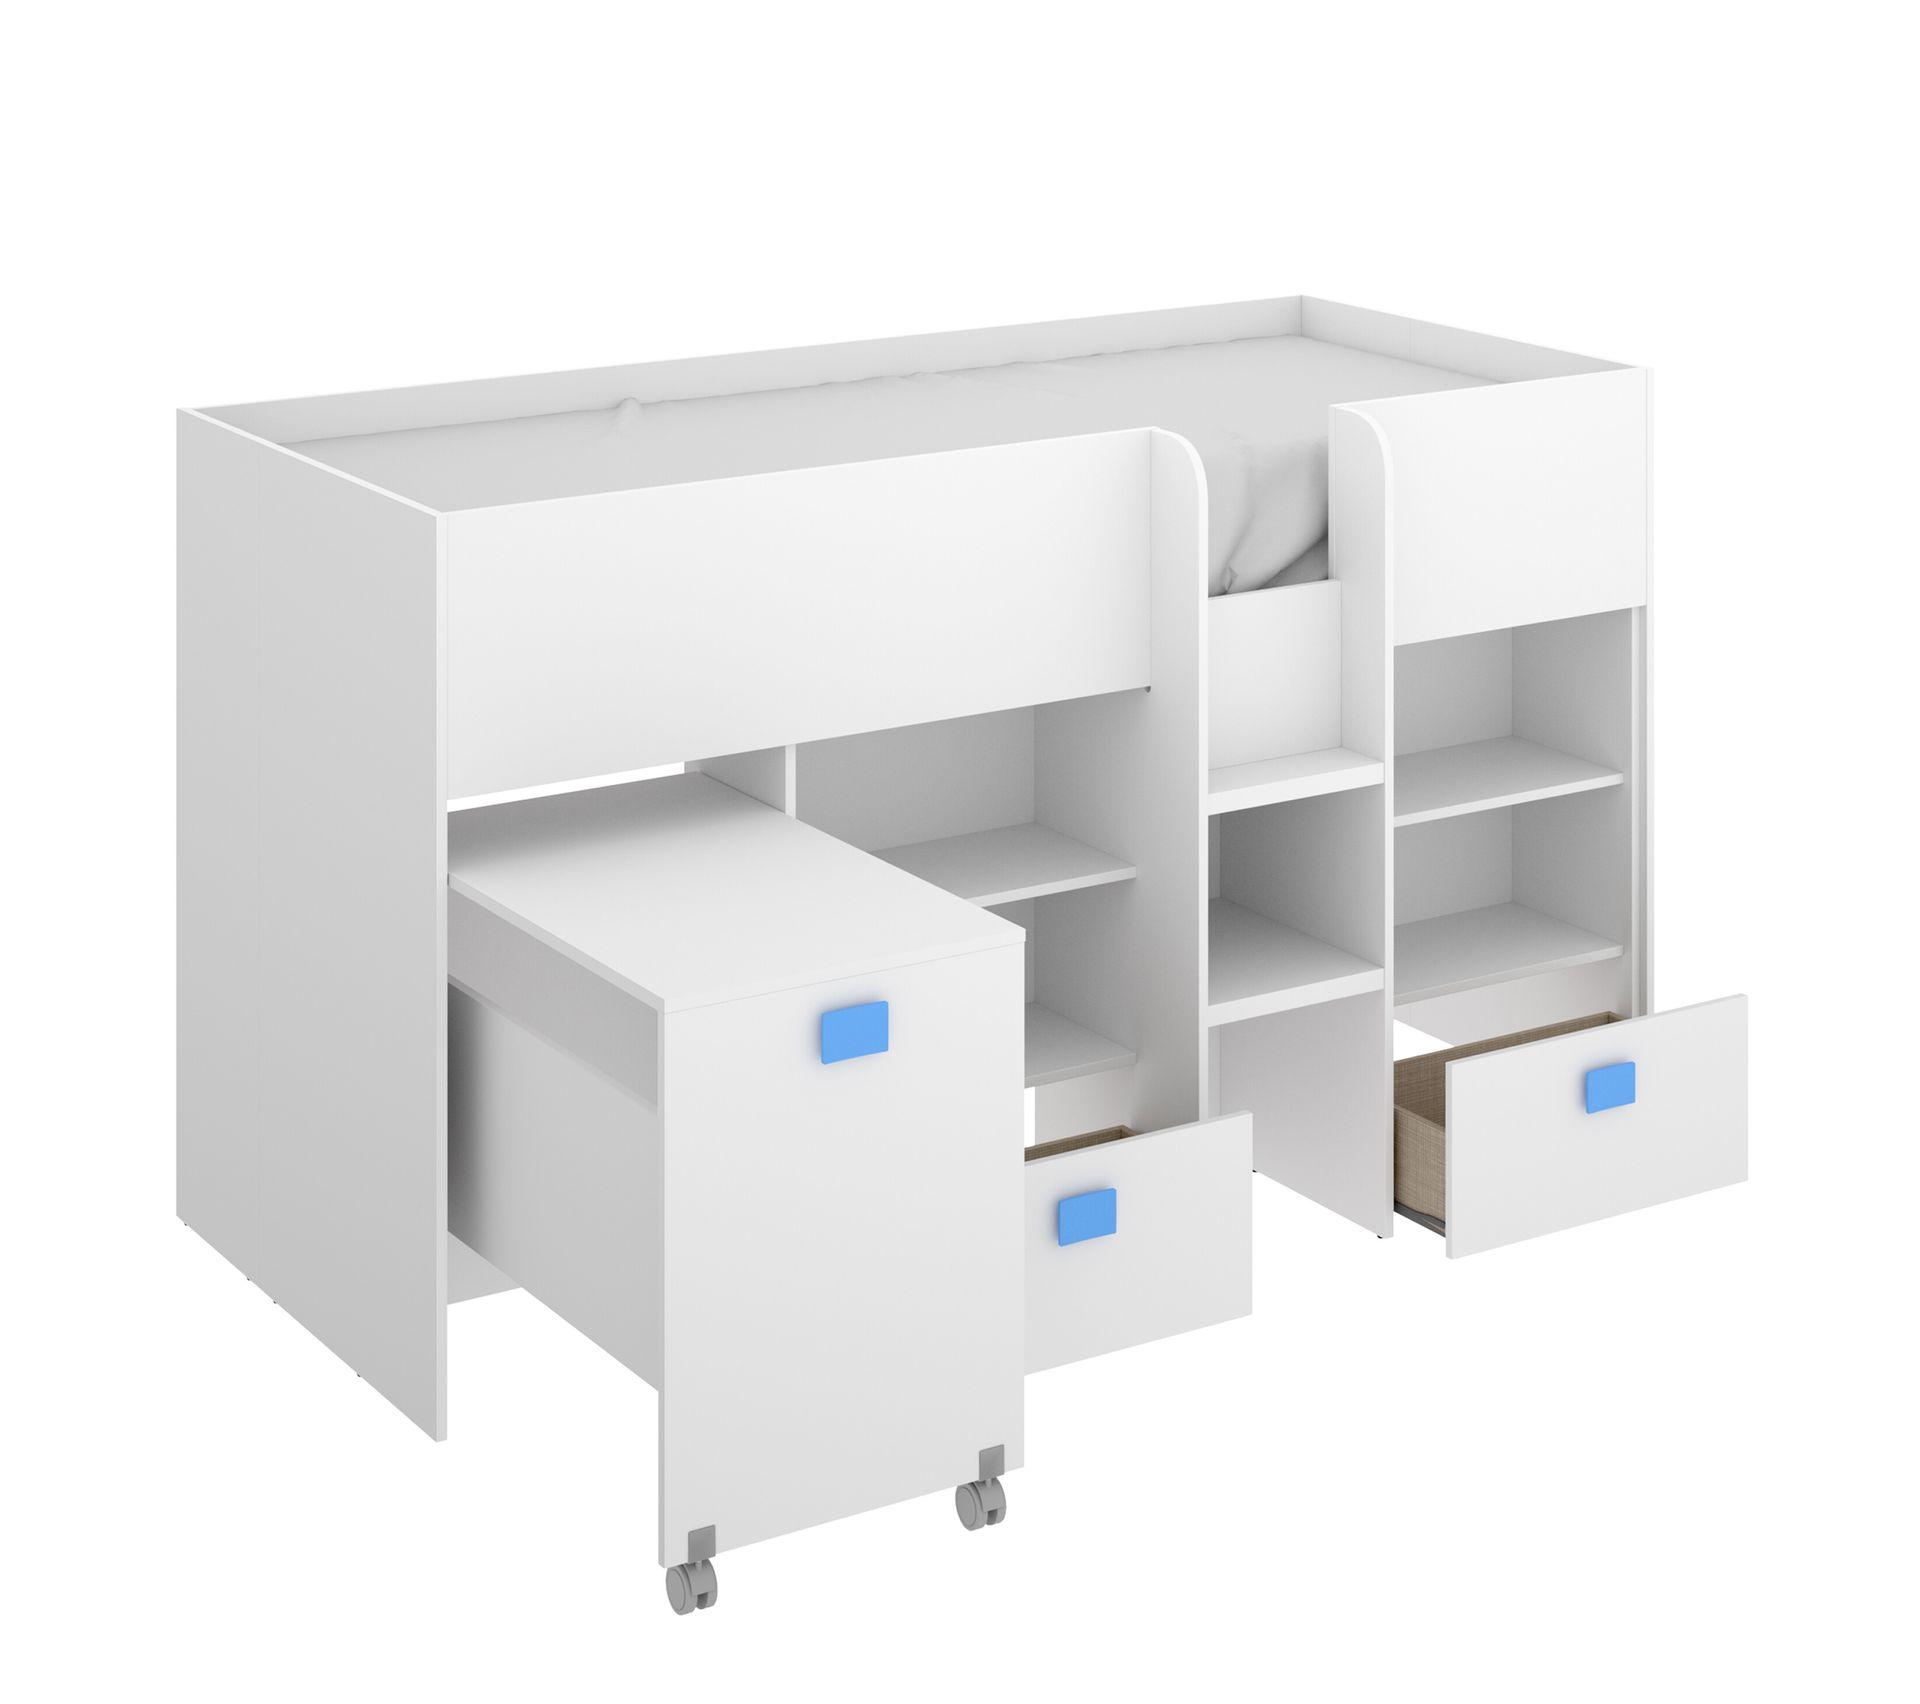 Le lit se transforme en lit dadolescent, bureau, armoire multifonction Lit b/éb/é /évolutif// combin/é Maxi Plus blanc//h/être Lorelli